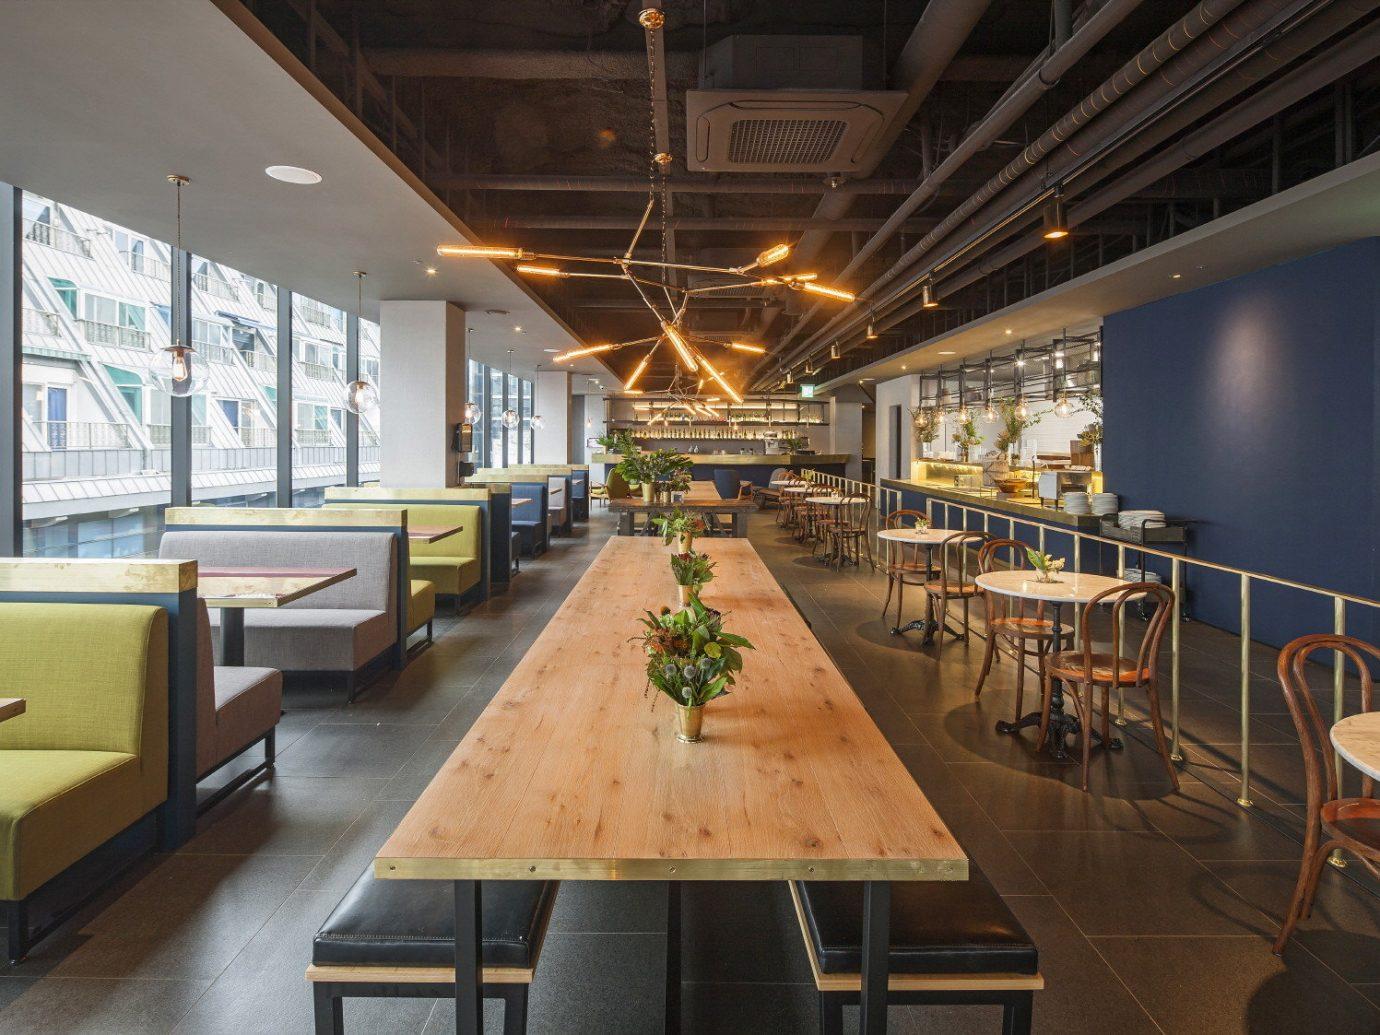 Hotels Luxury Travel table indoor floor ceiling interior design restaurant cafeteria café area furniture